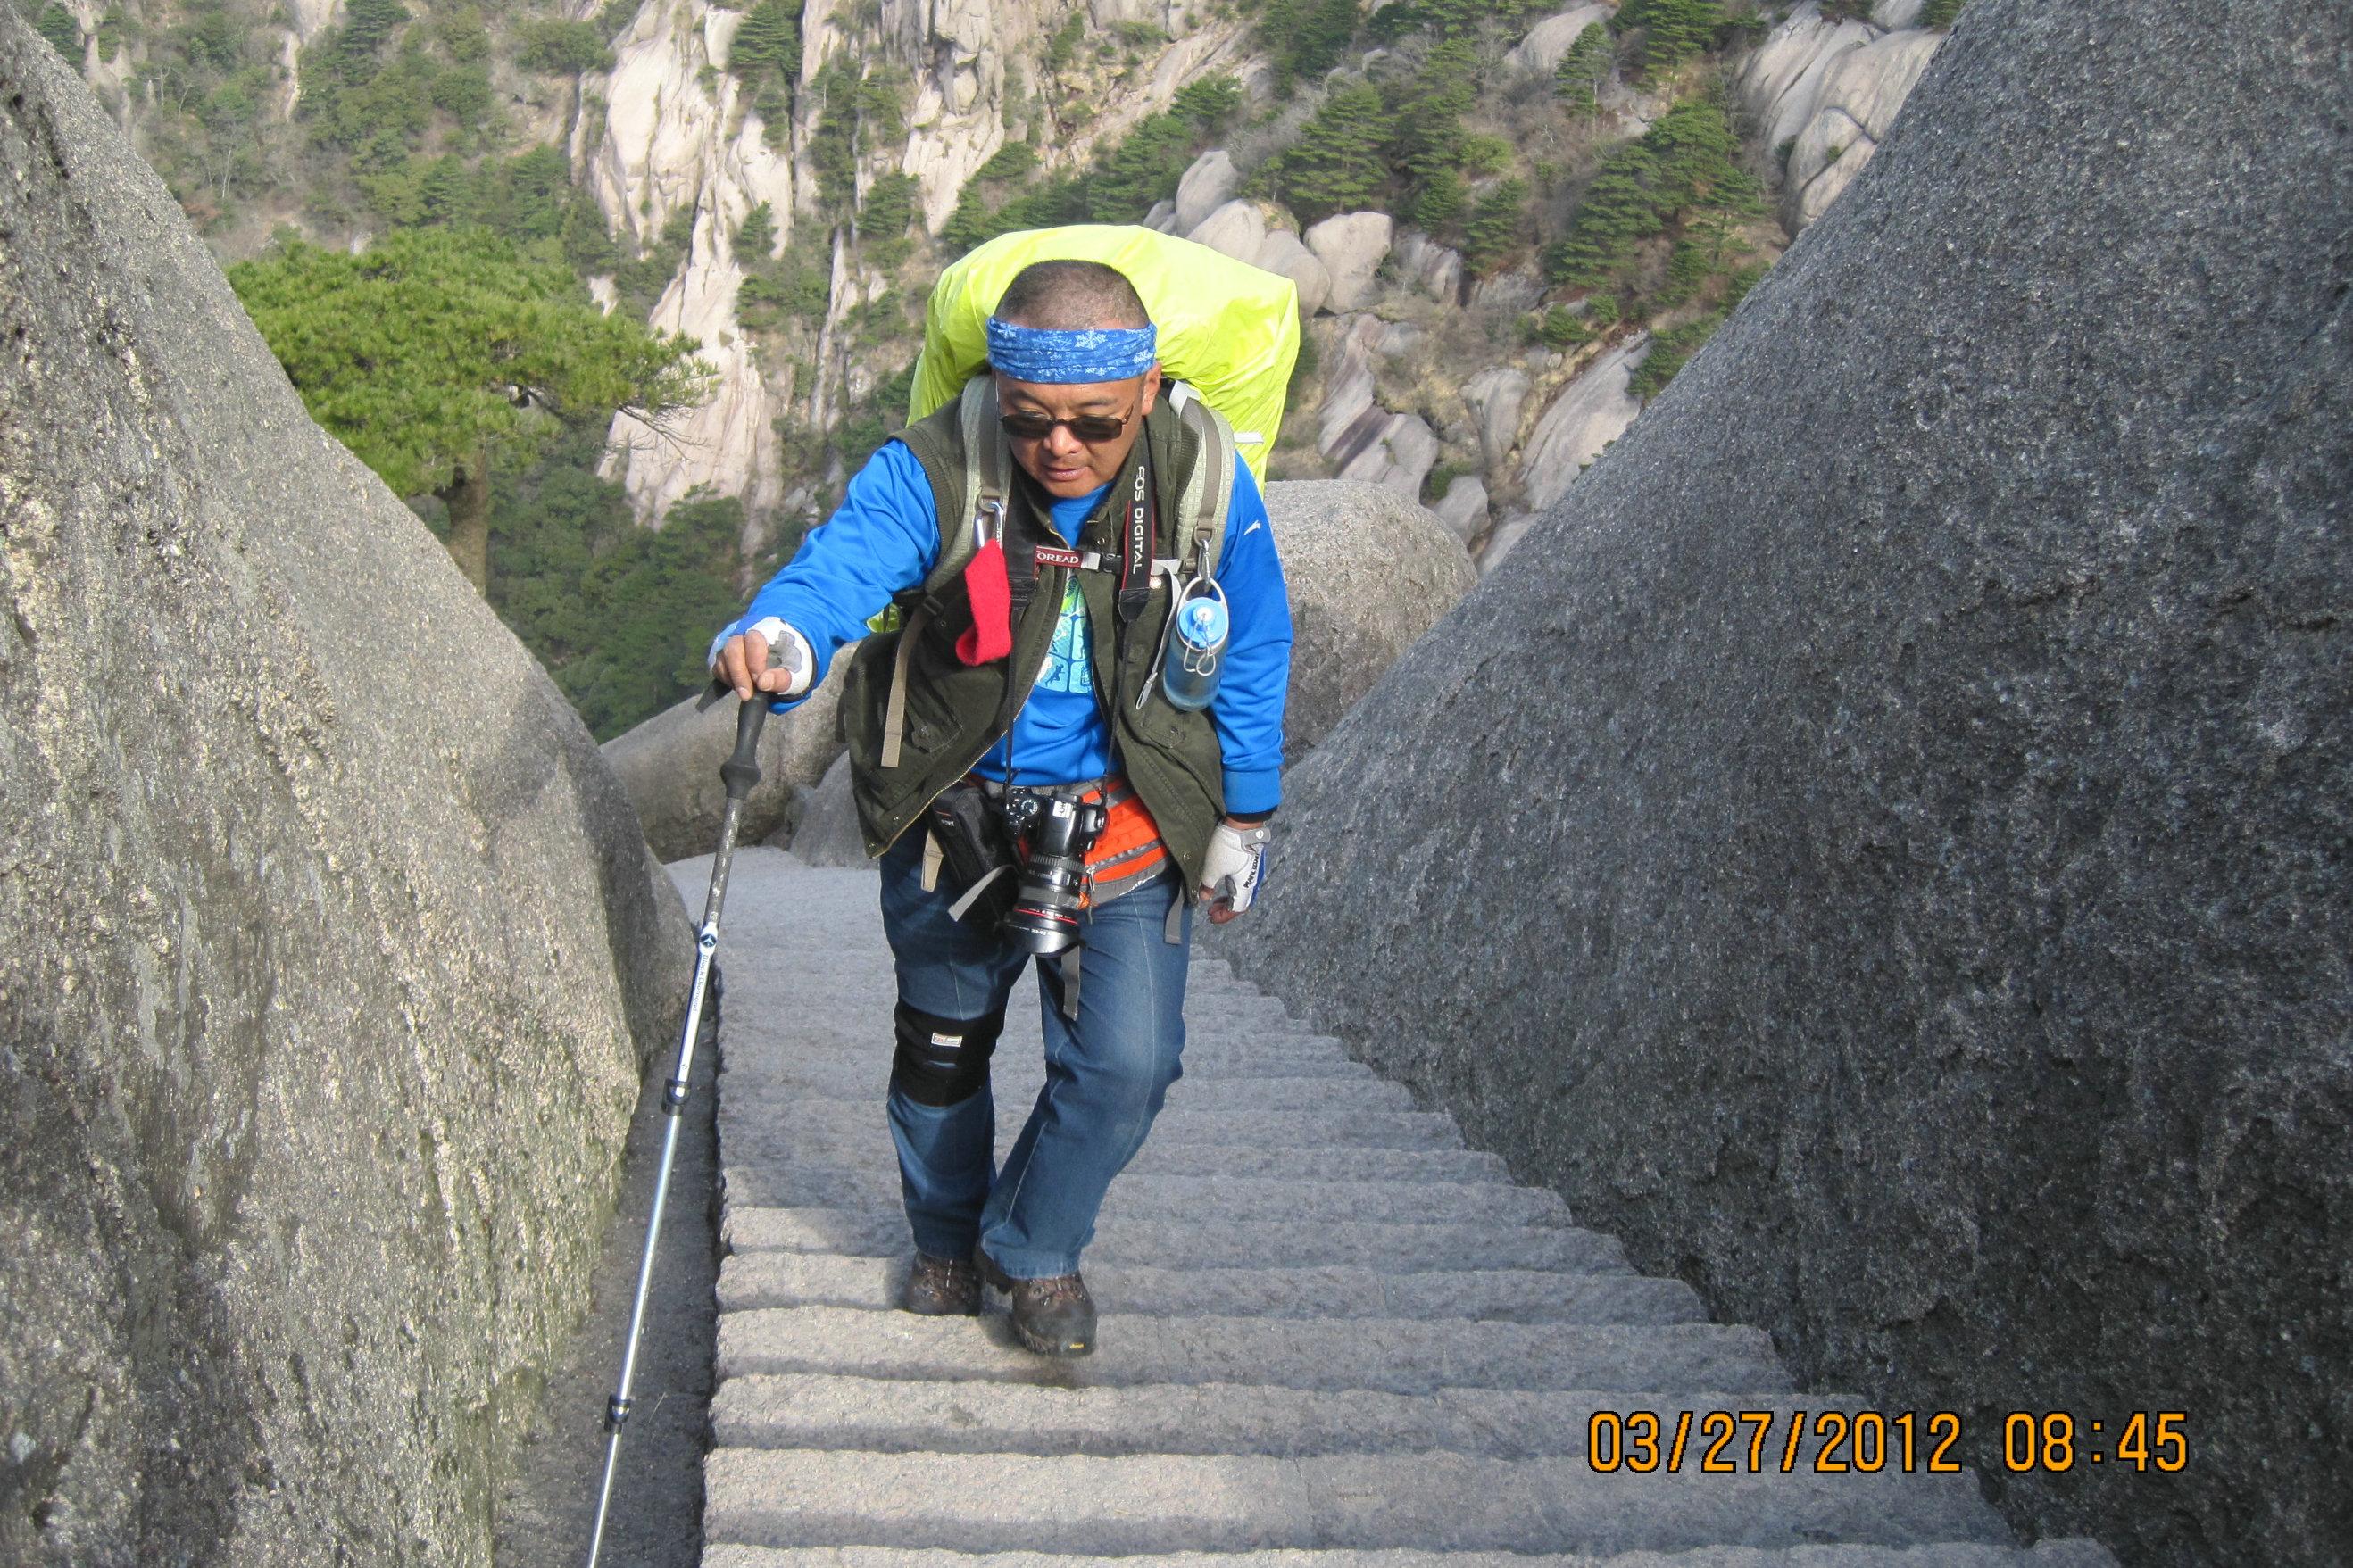 2012.3.23安徽黄山游 310.jpg